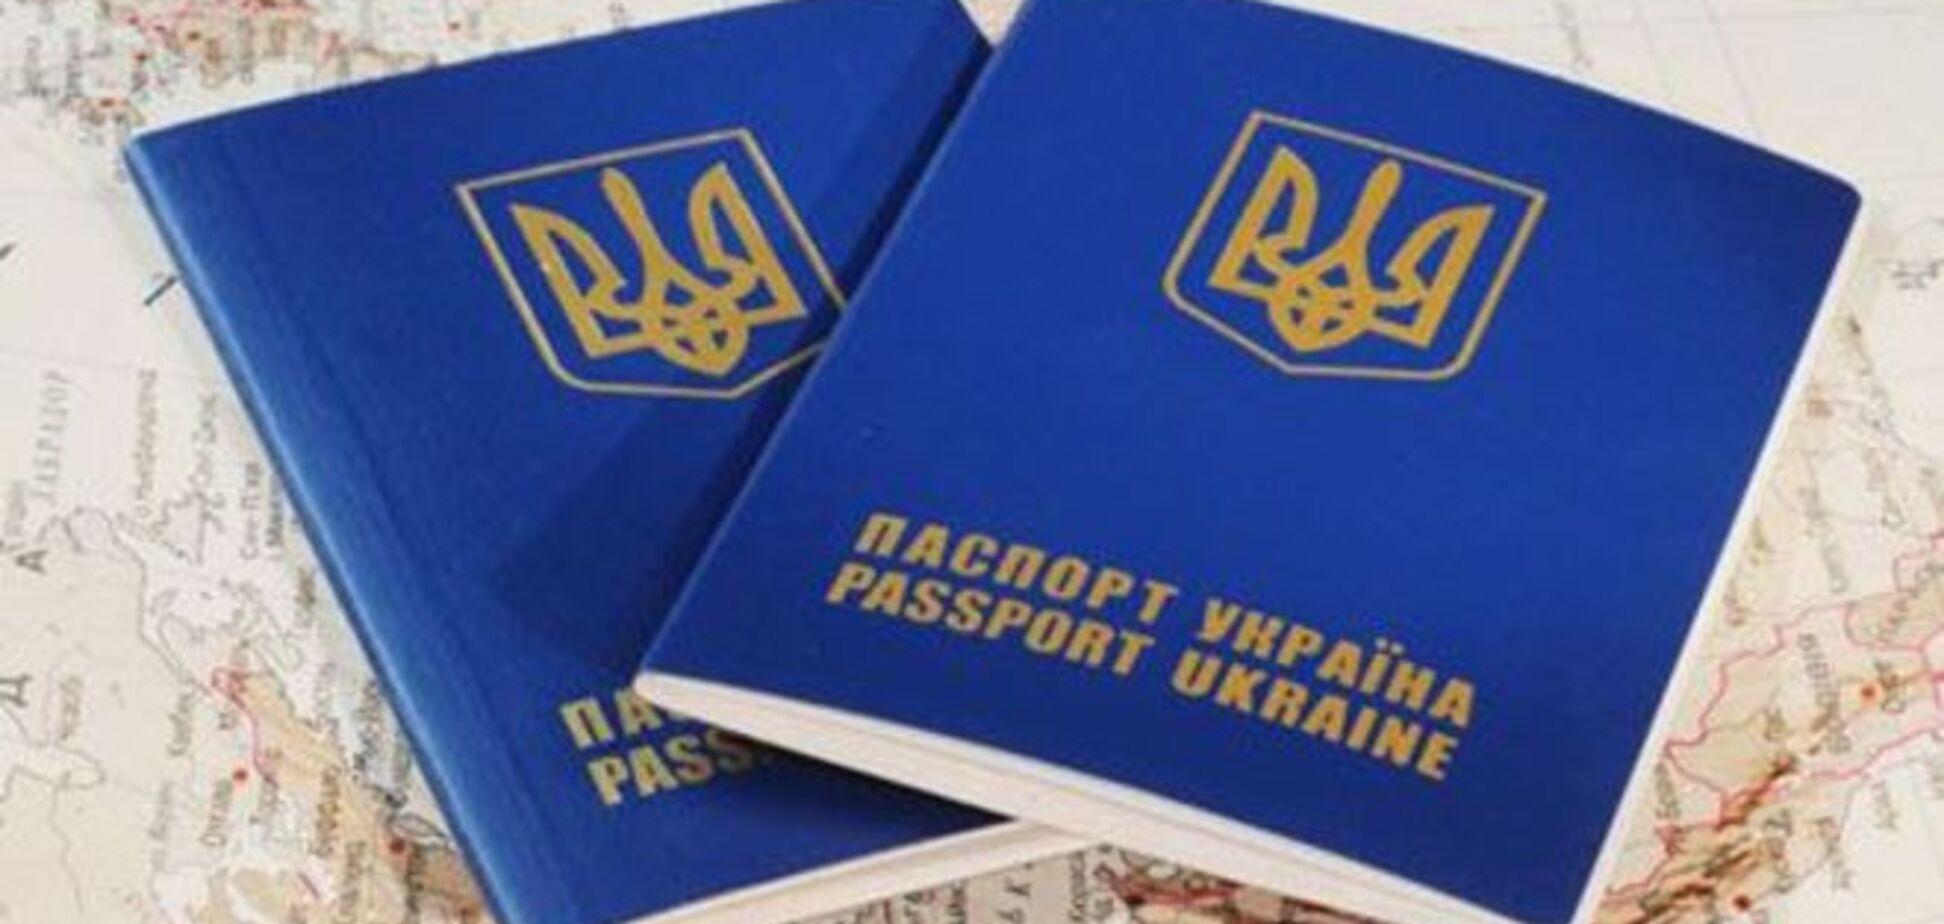 Военнообязанным хотят запретить ездить по Украине без справок: юрист говорит - незаконно